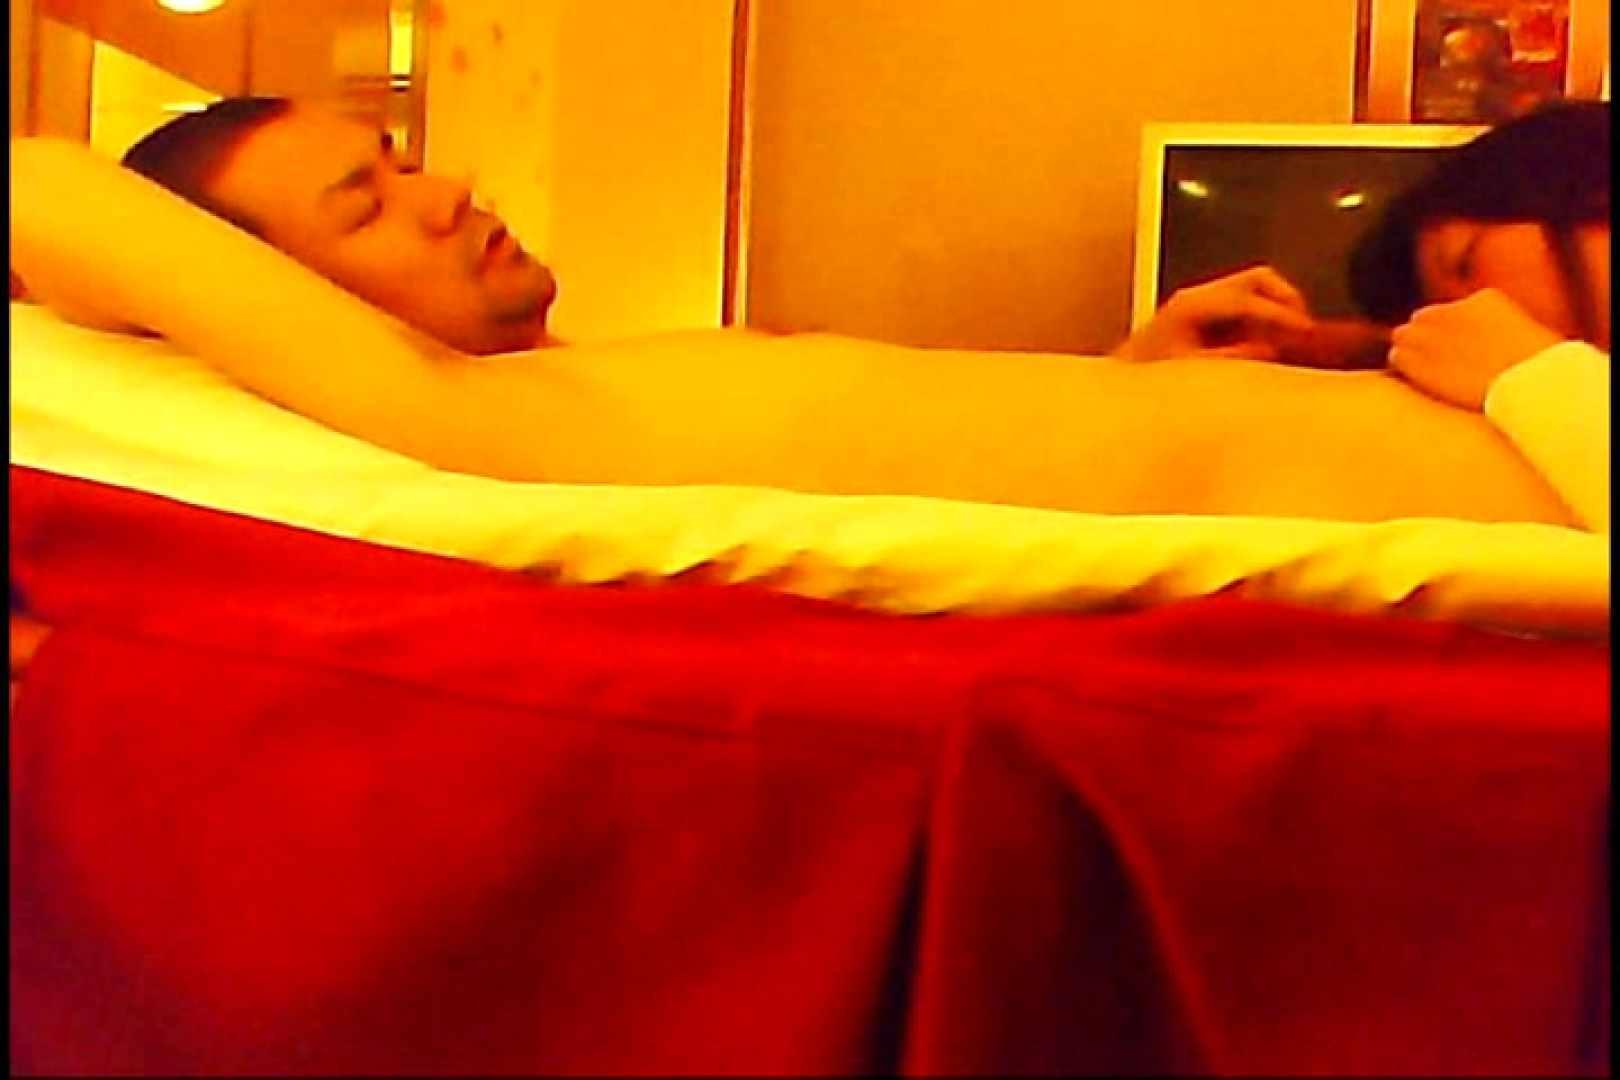 セックスフレンドVol.3 ミカ 喘ぎ 盗撮動画紹介 94画像 64